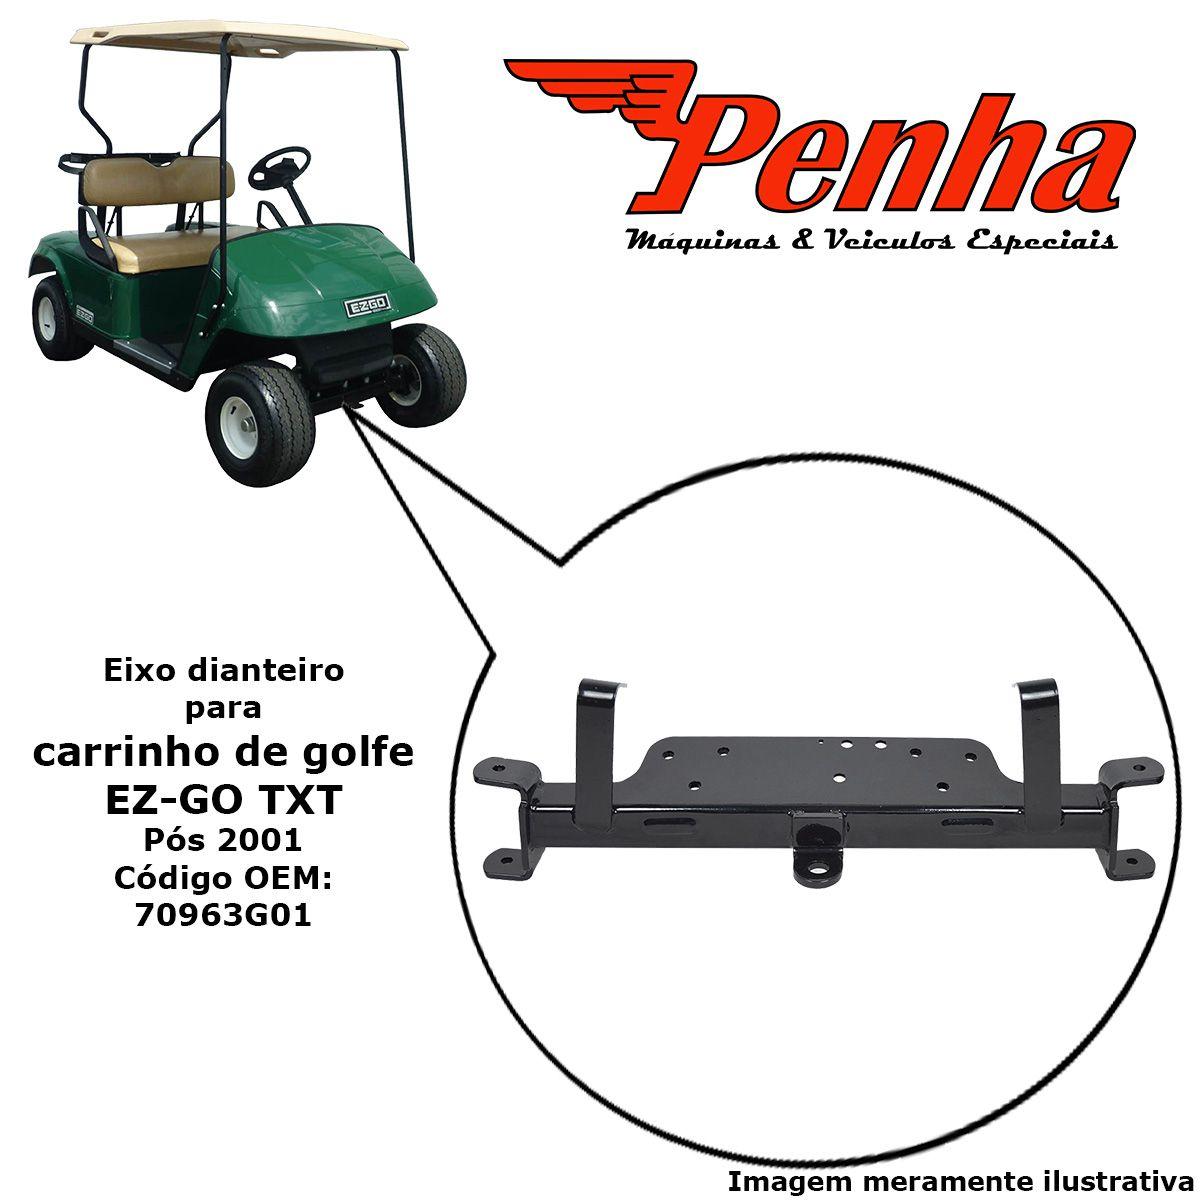 Eixo dianteiro para carrinho de golfe EZ-GO TXT após 2001.5